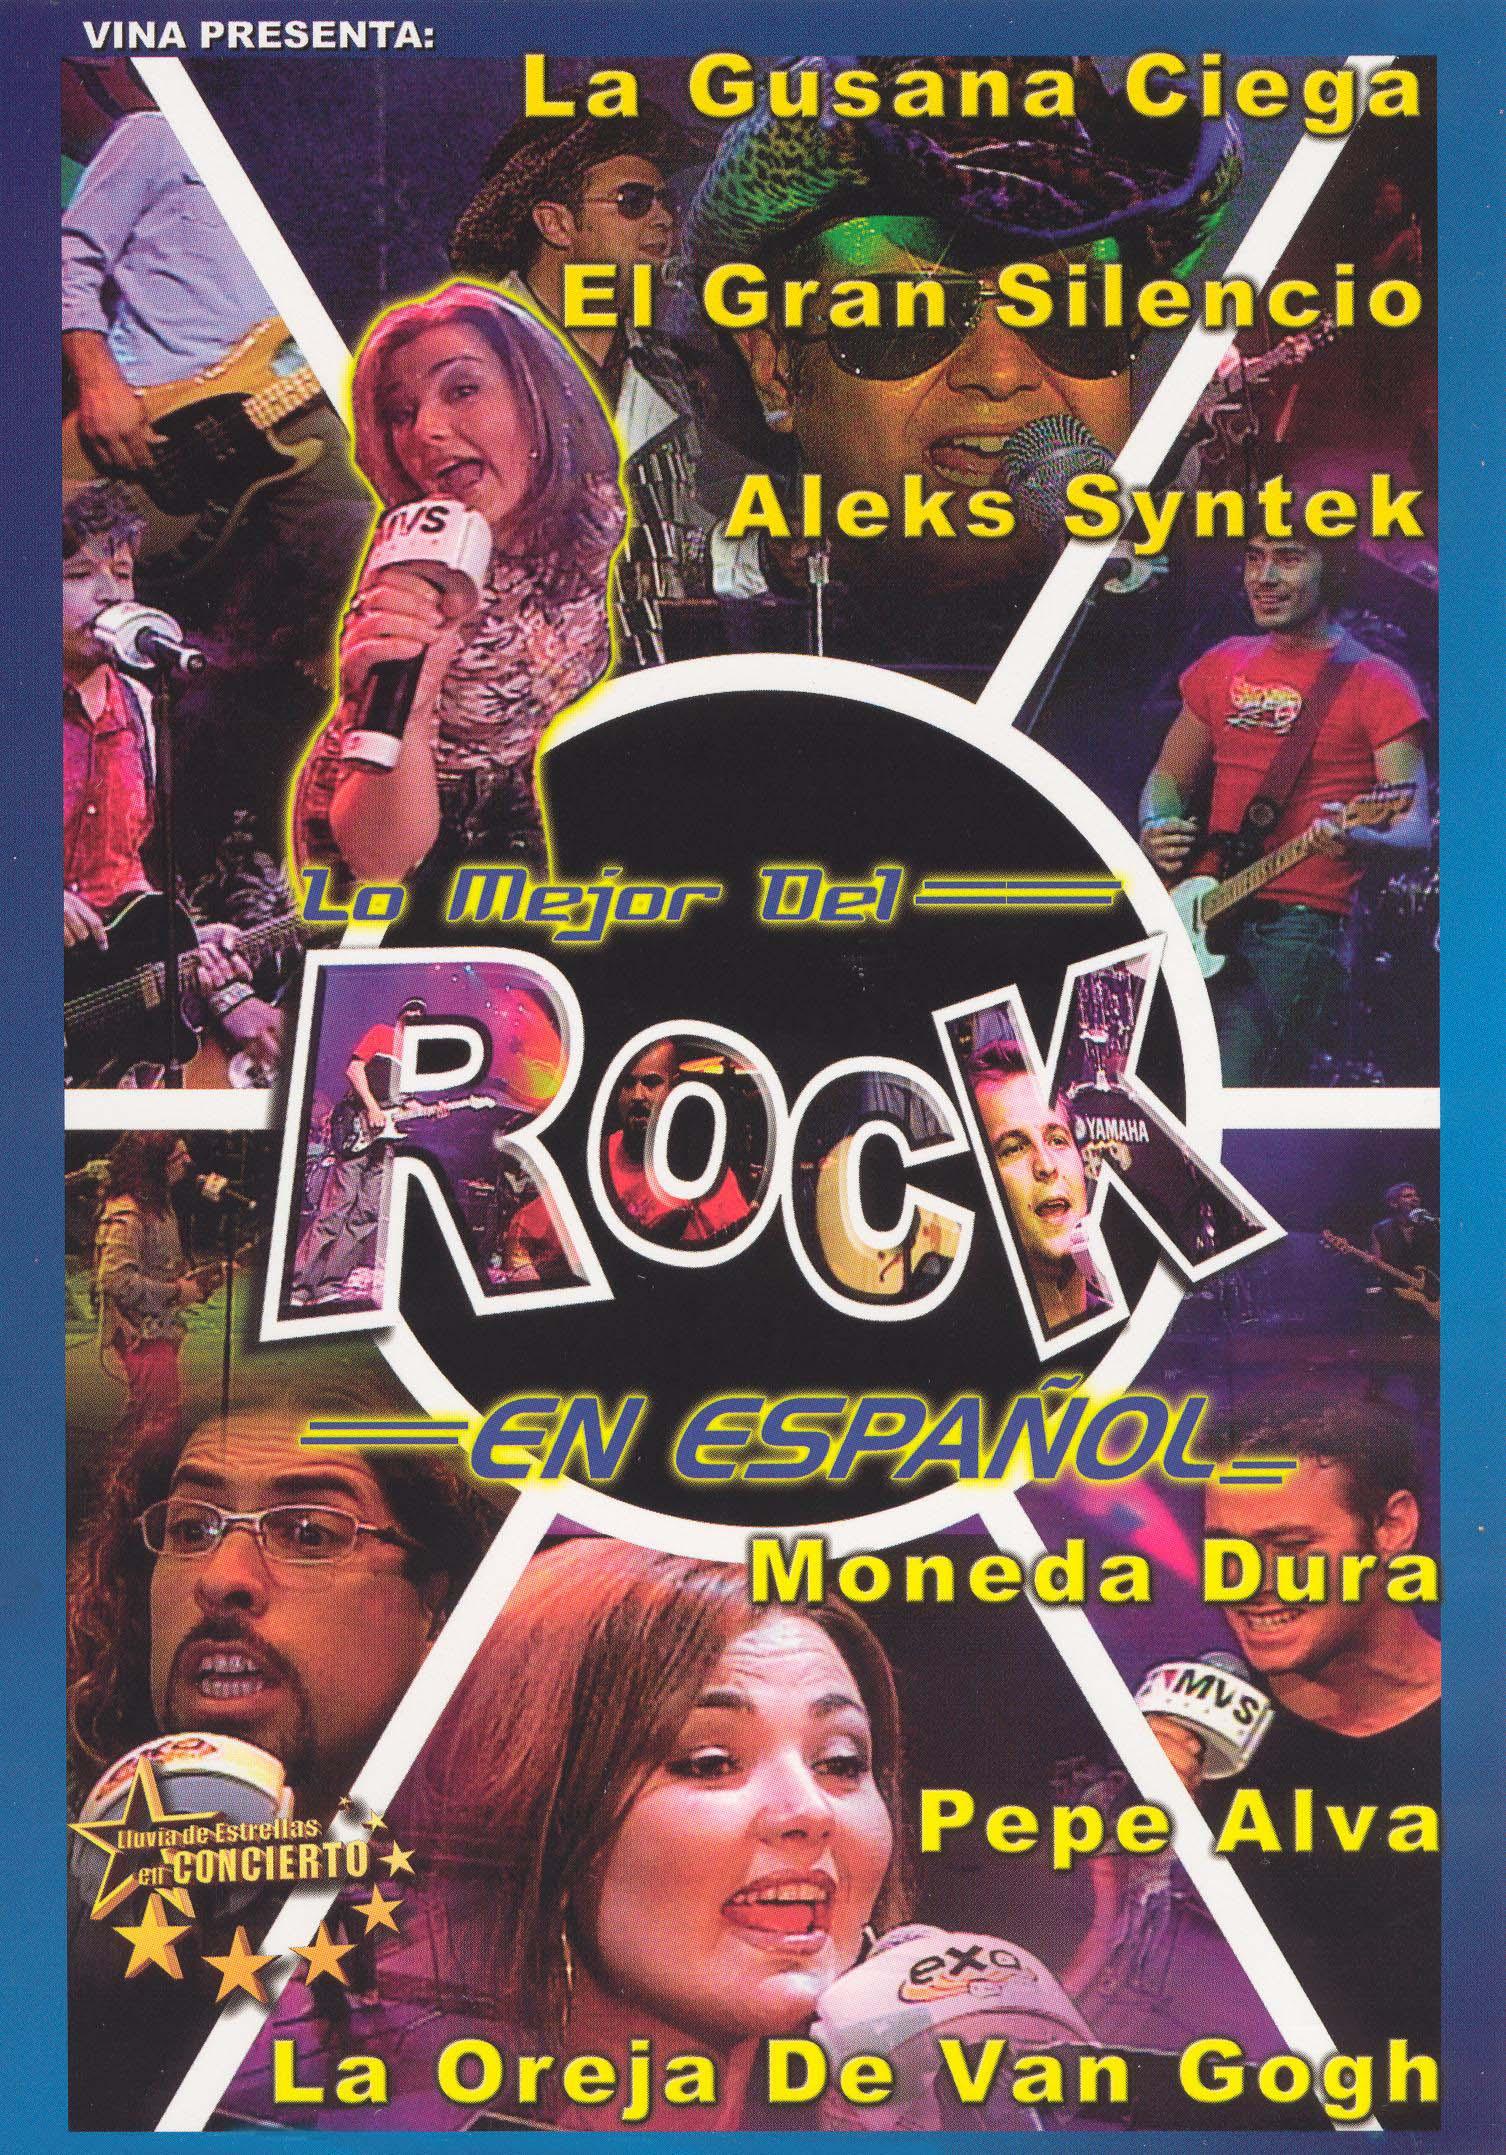 Lo Mejor del Rock en Espanol, Vol. 225